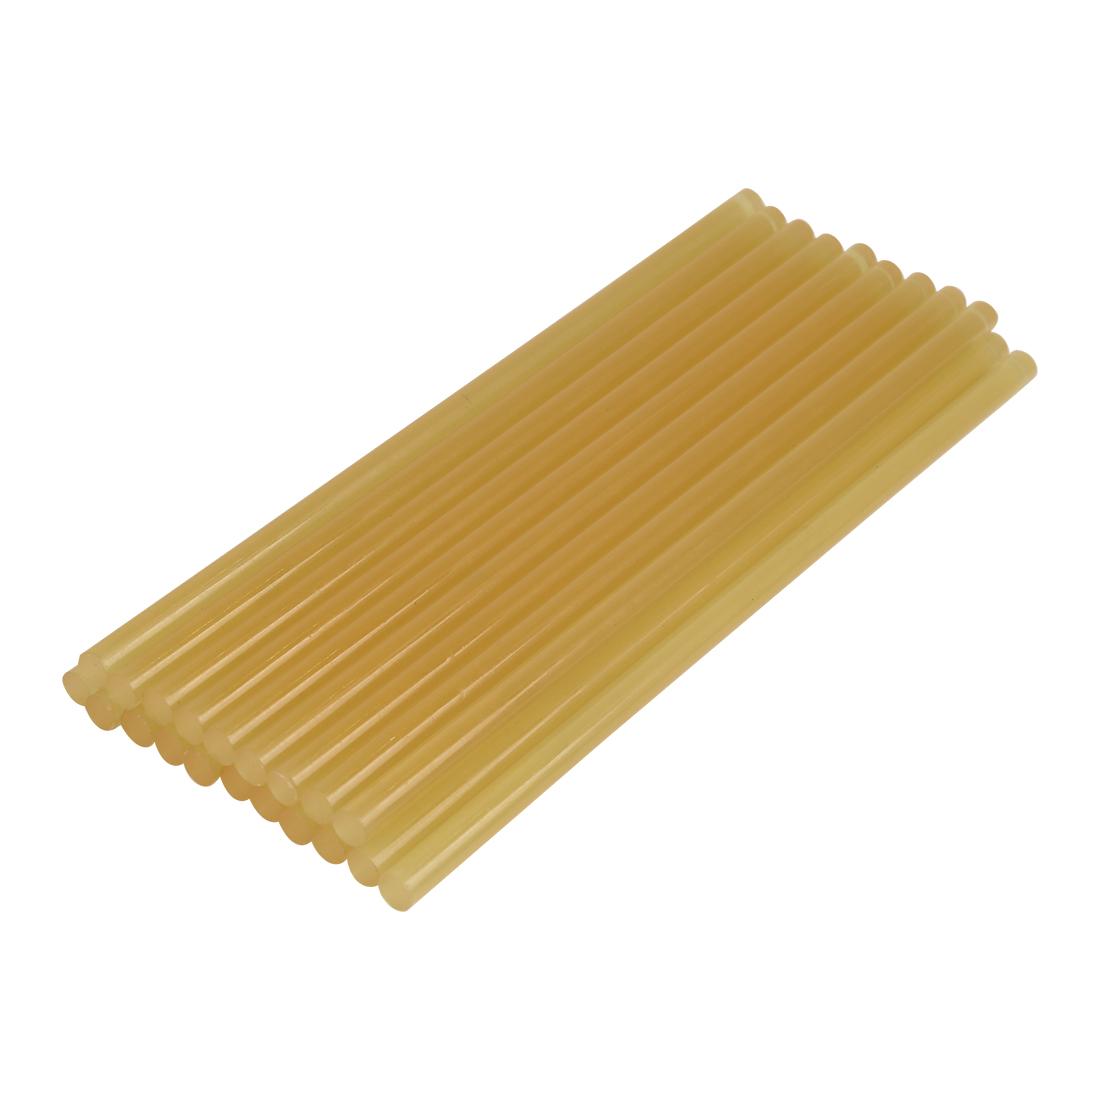 20 Pcs 7mm x 200mm Yellow Paintless Dent Repair Hot Melt Glue Sticks for Car